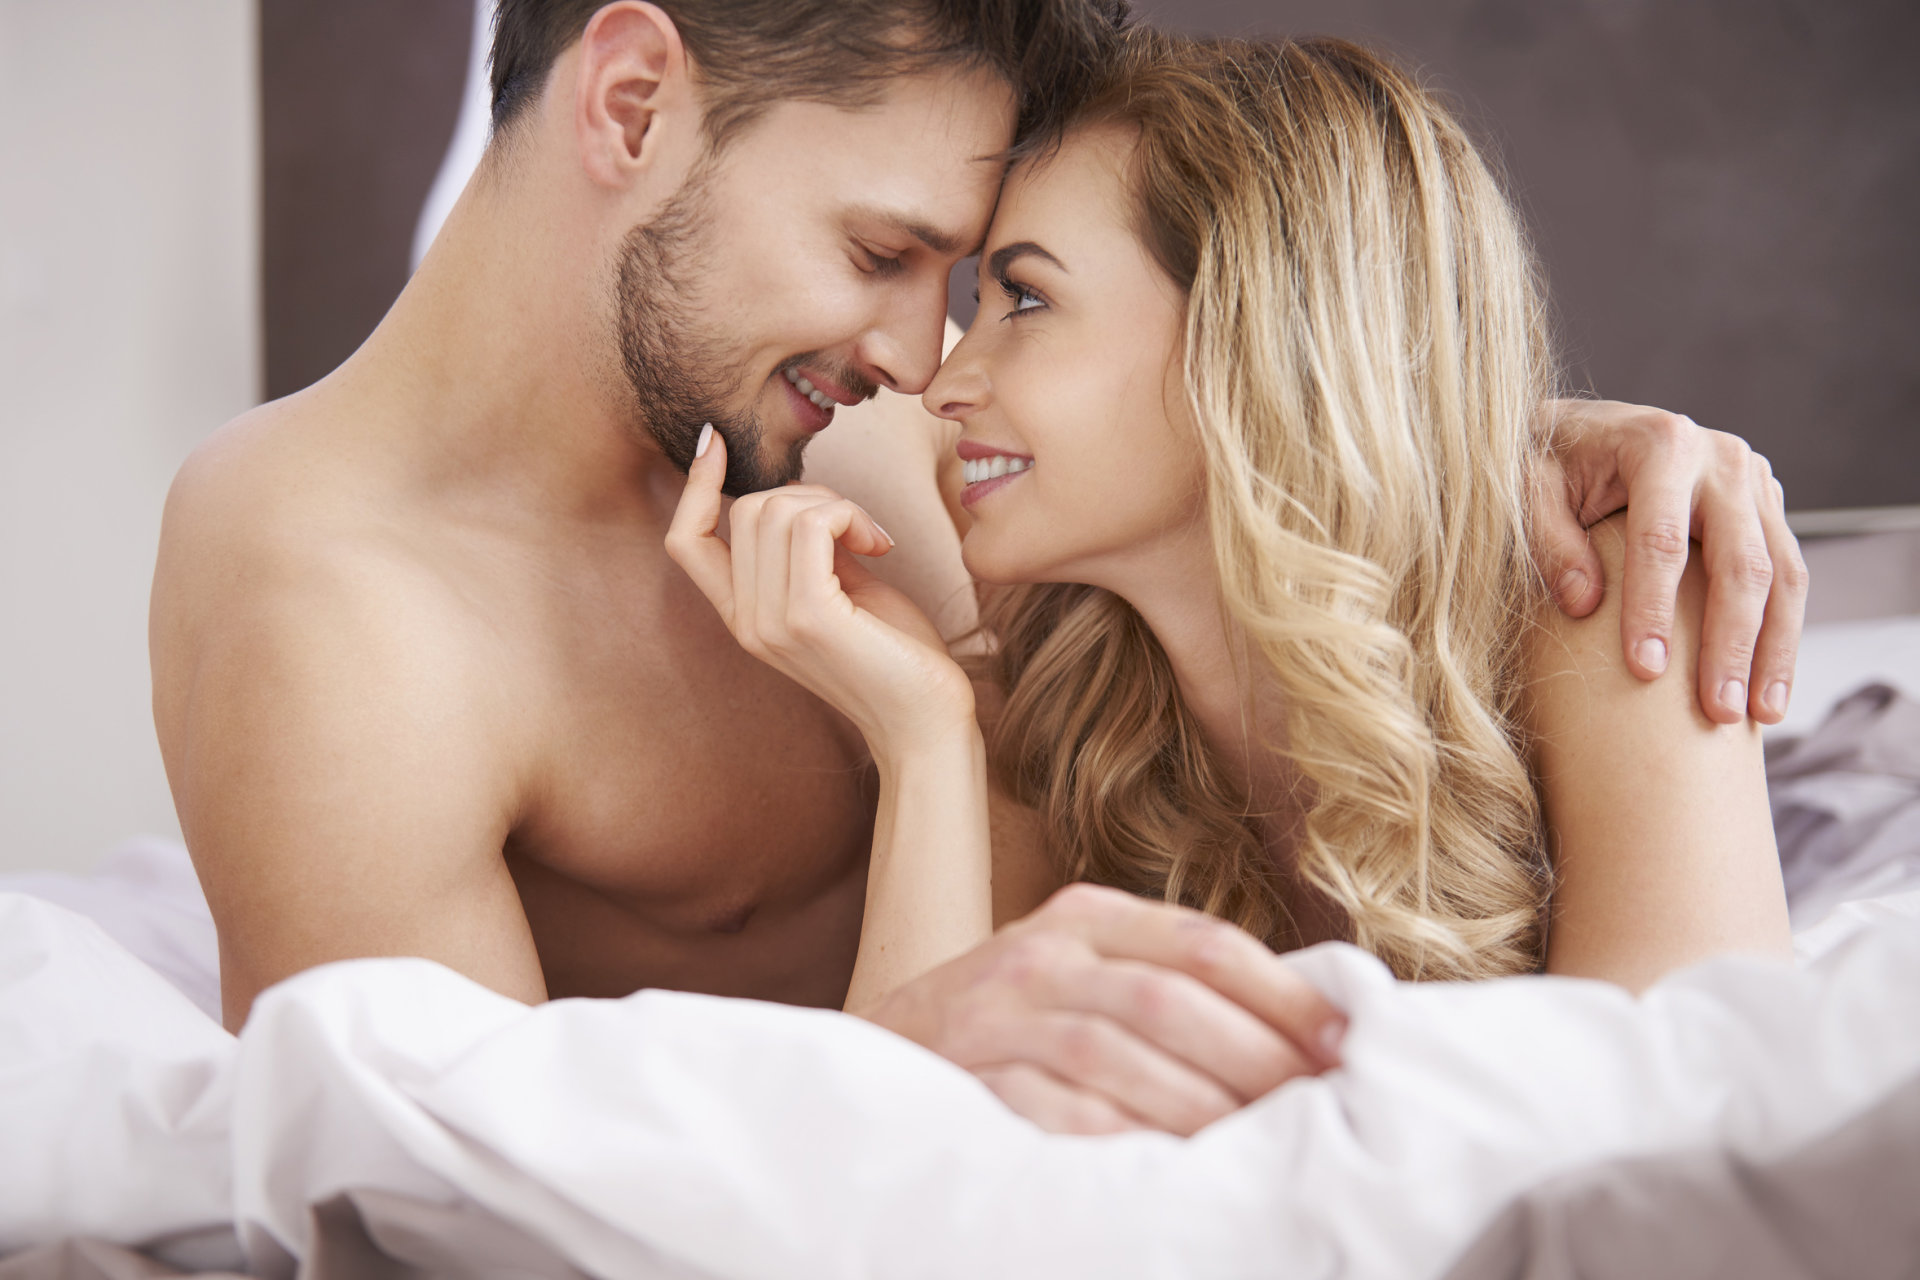 kodėl vyrams yra erekcija mergaitei narys nera dydzio dydzio